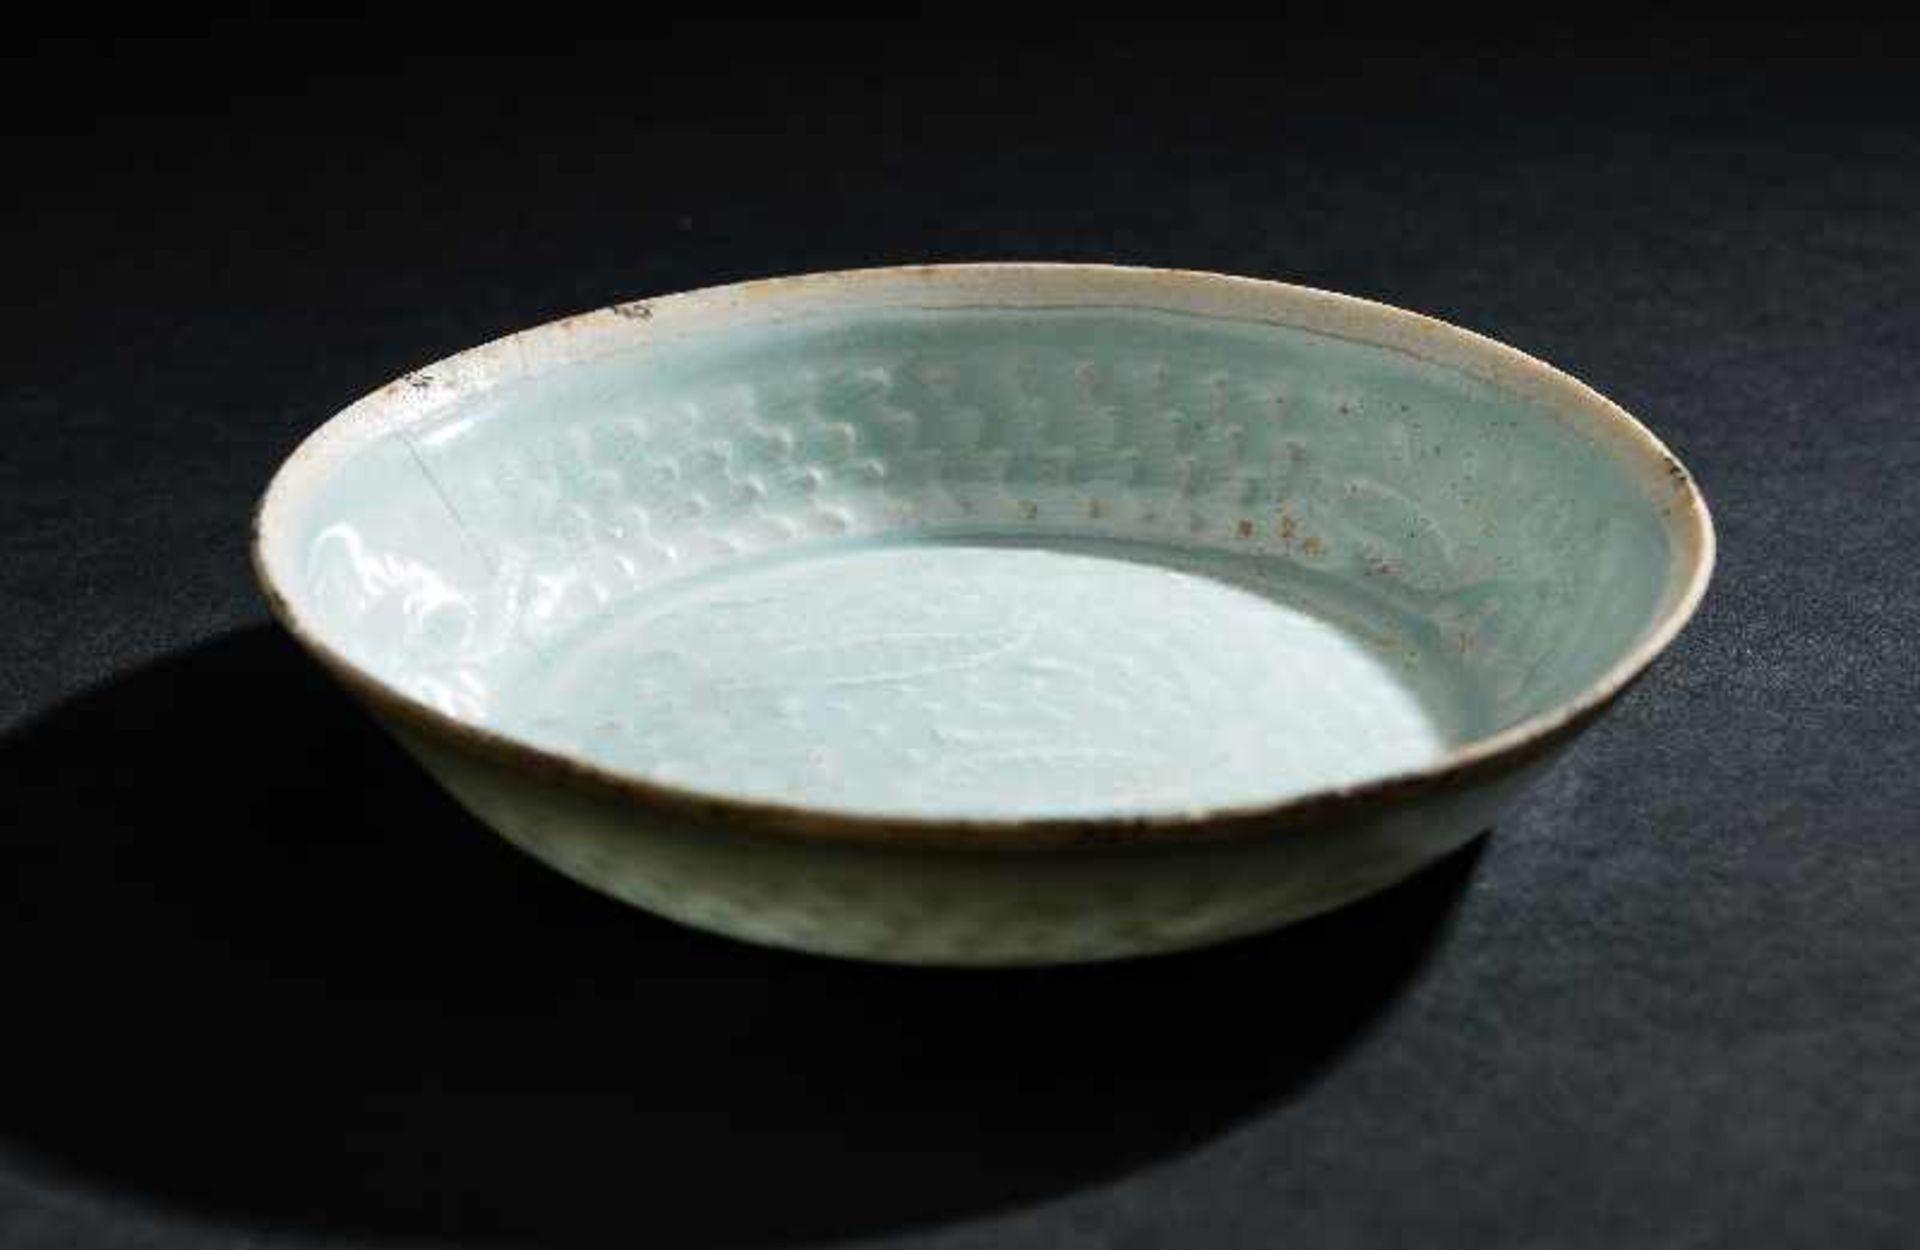 SCHÄLCHEN MIT FISCHENProtoporzellan. China, Song-Dynastie, ca. 10 – 12. Jh. Dieses dünnwandinge